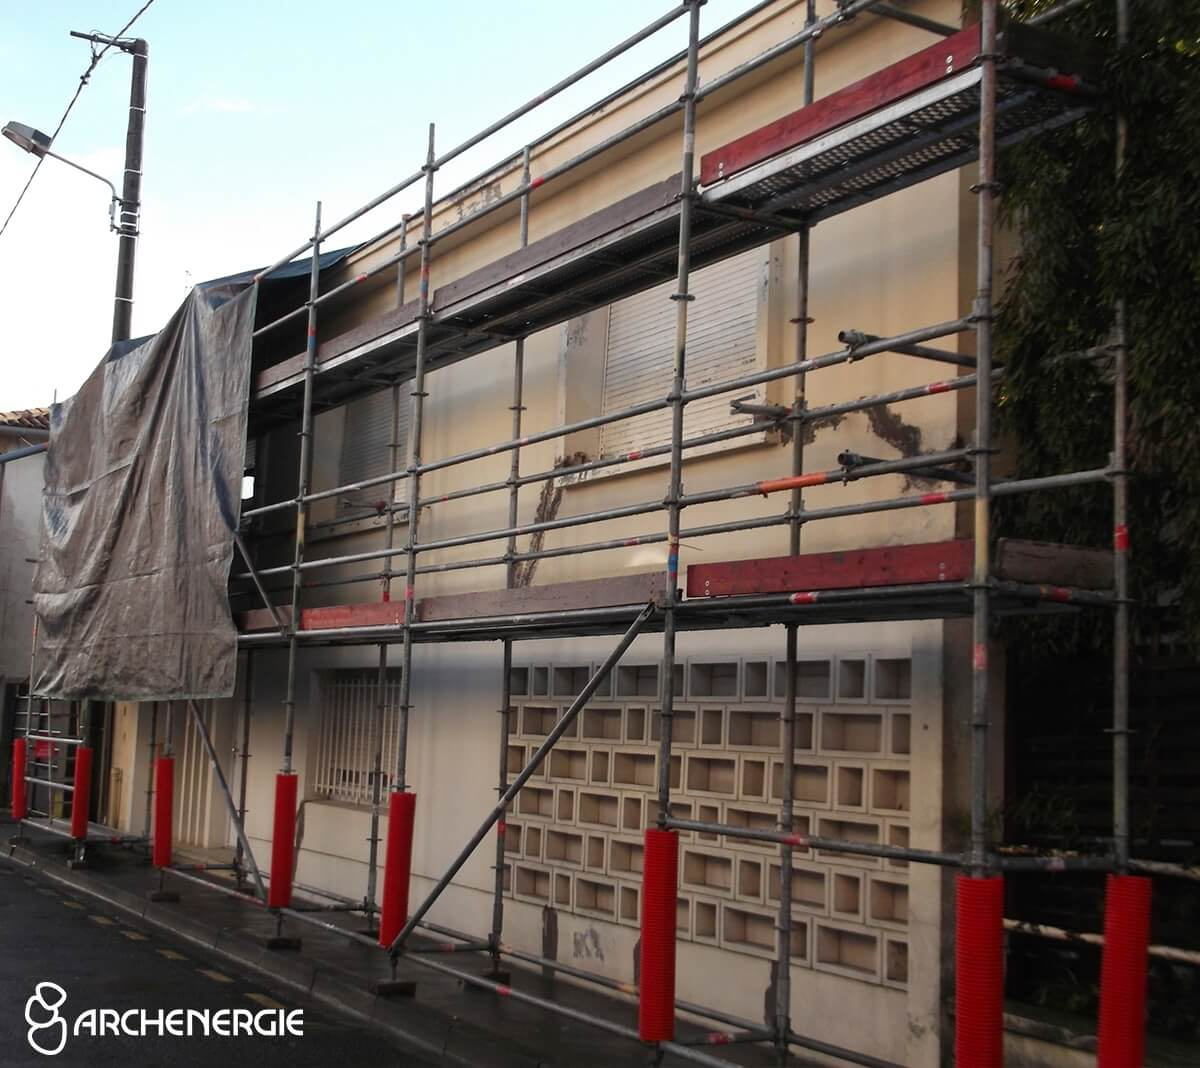 maison bordeaux gironde 33 pendant les travaux d'isolation thermique par l'extérieur ITE